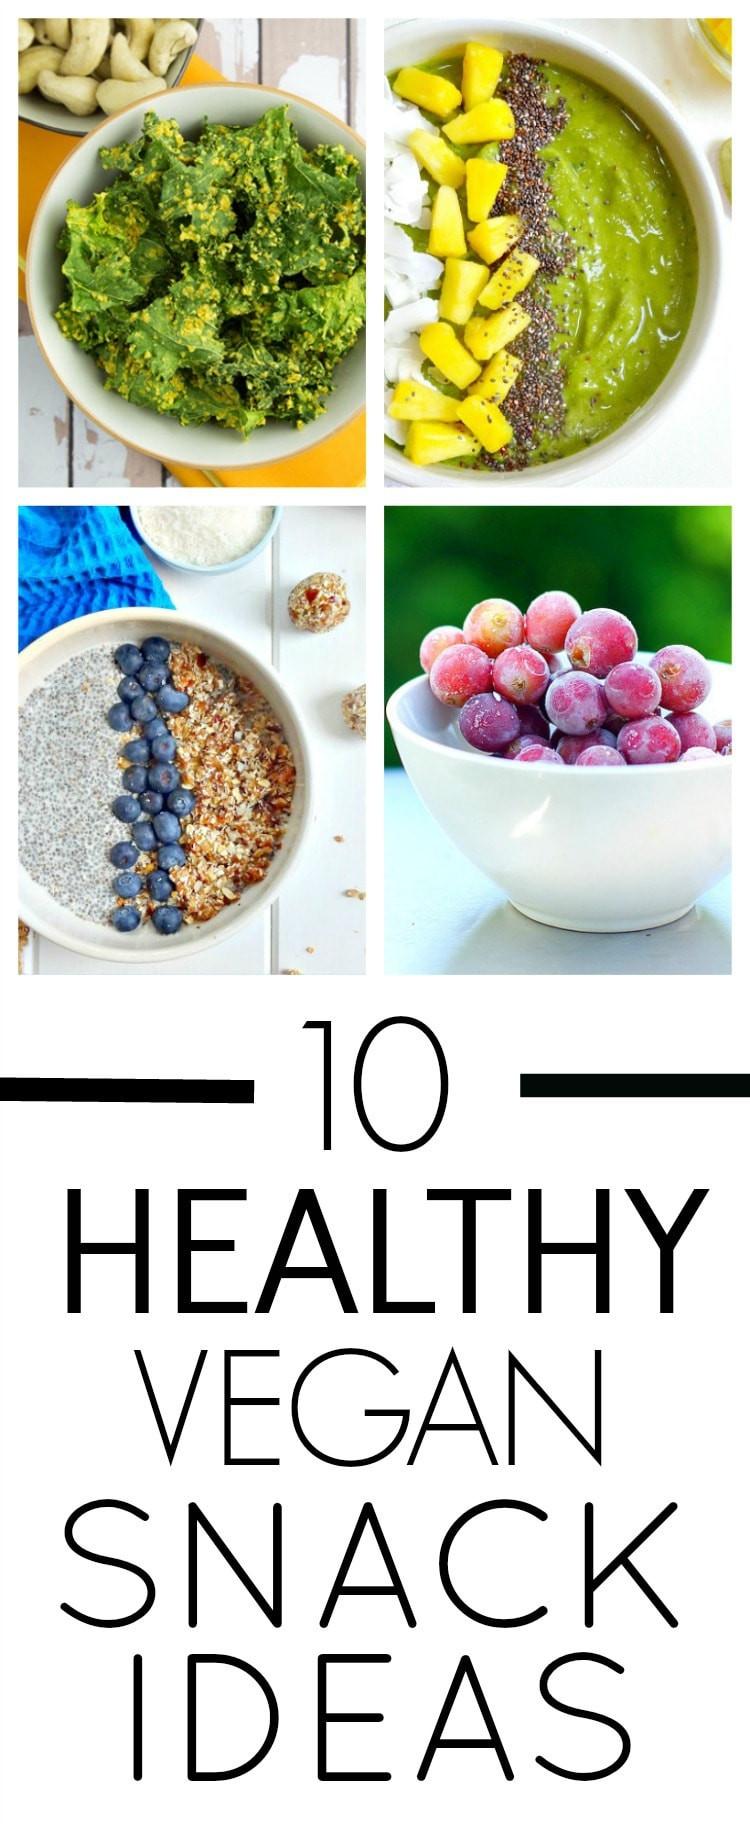 Healthy Vegan Snacks  10 Healthy Vegan Snack Ideas The Glowing Fridge